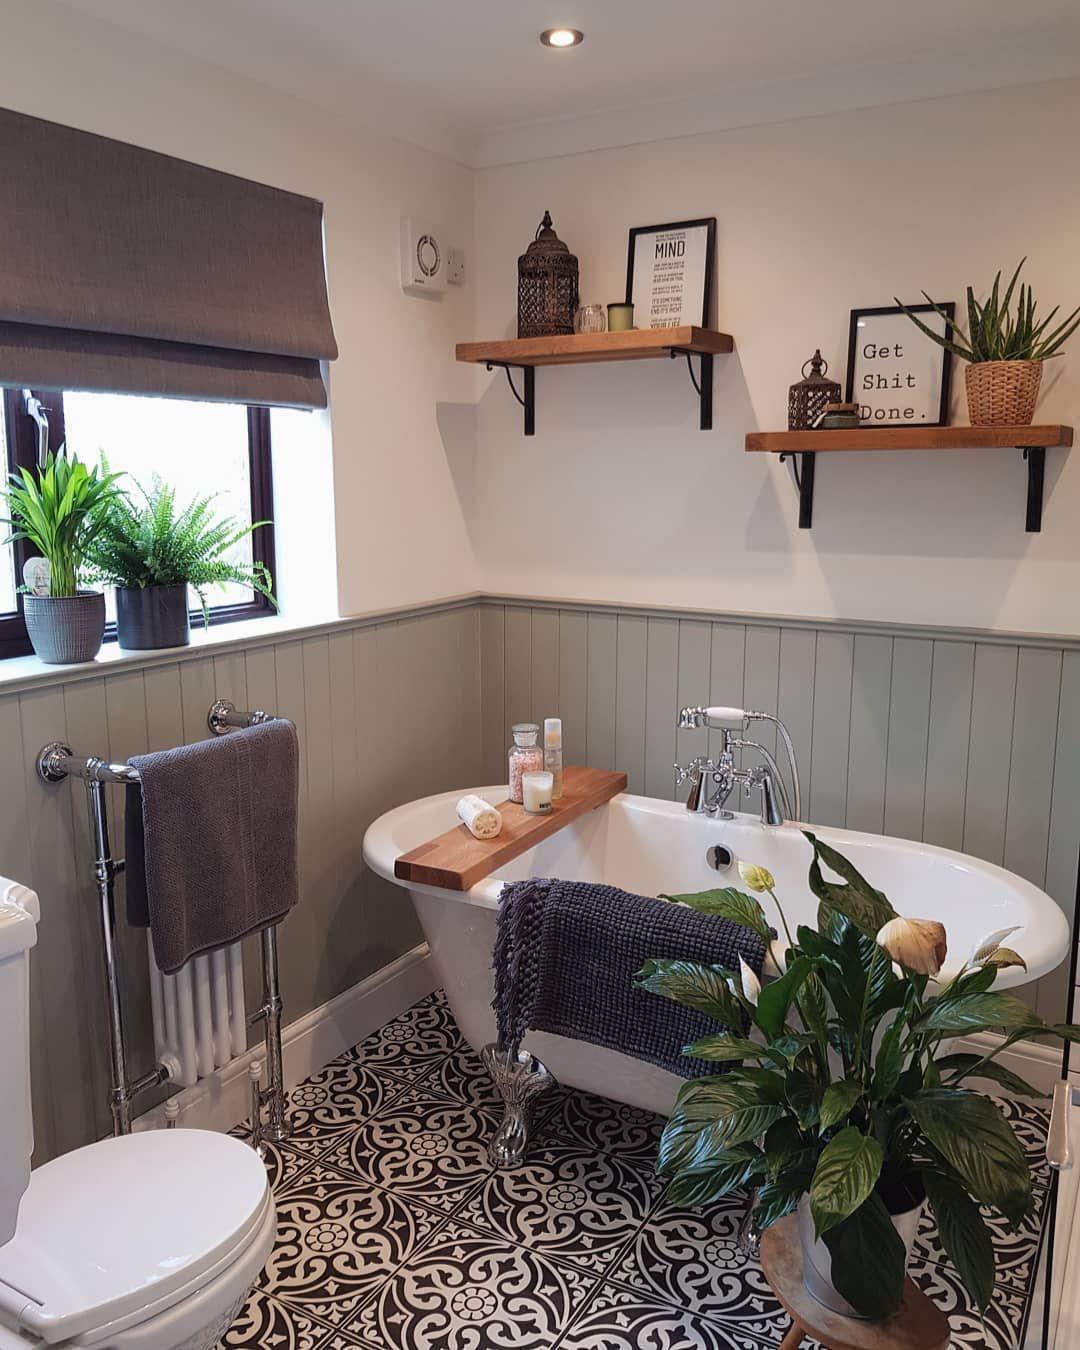 41 Affordable Bathtub Design Ideas For Classy Bathroom